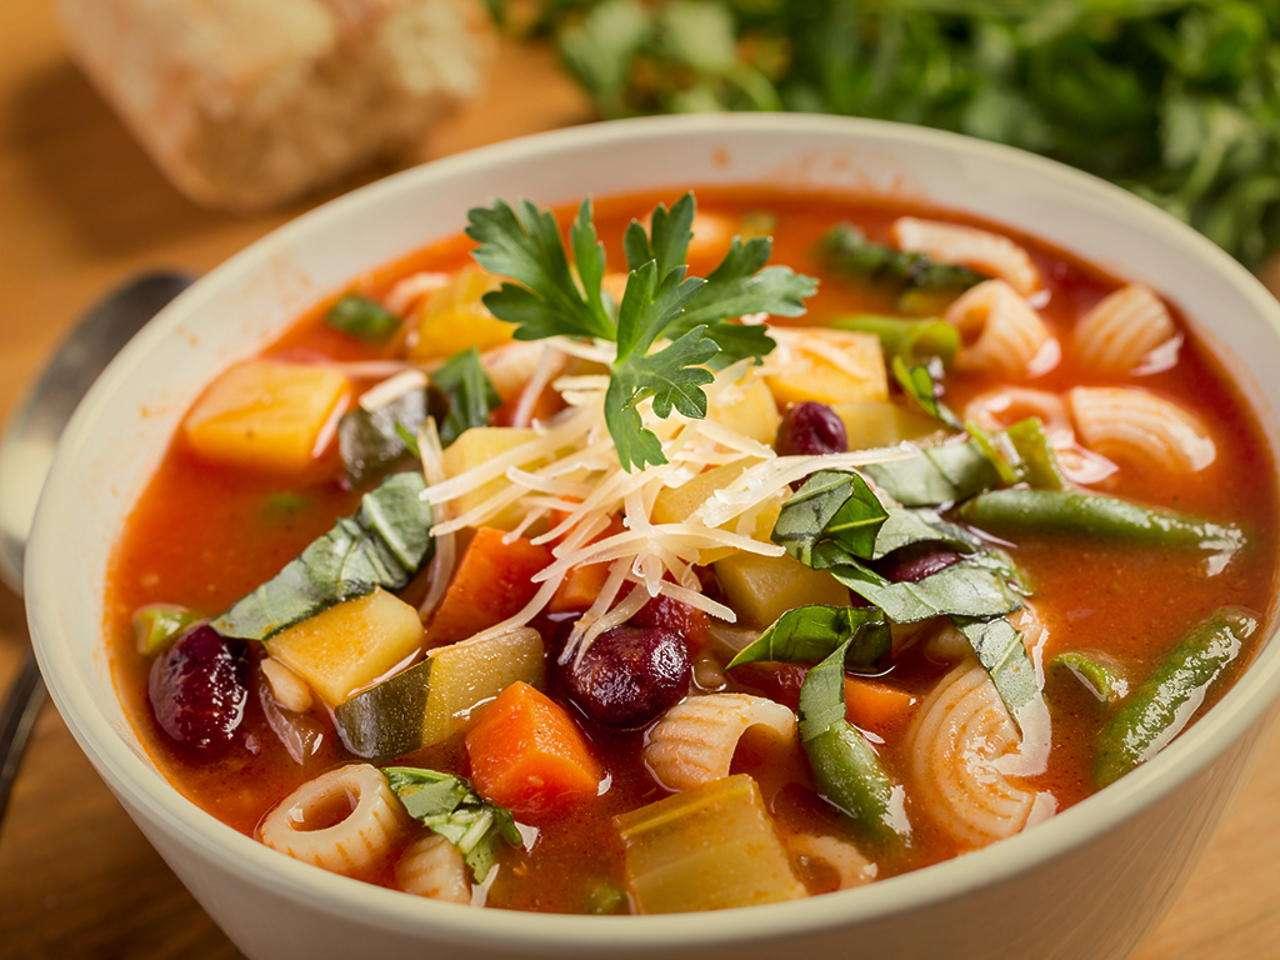 Imagem: Sopa de Legumes Com Macarrao 3 Aprenda fazer uma sopa de legumes deliciosa